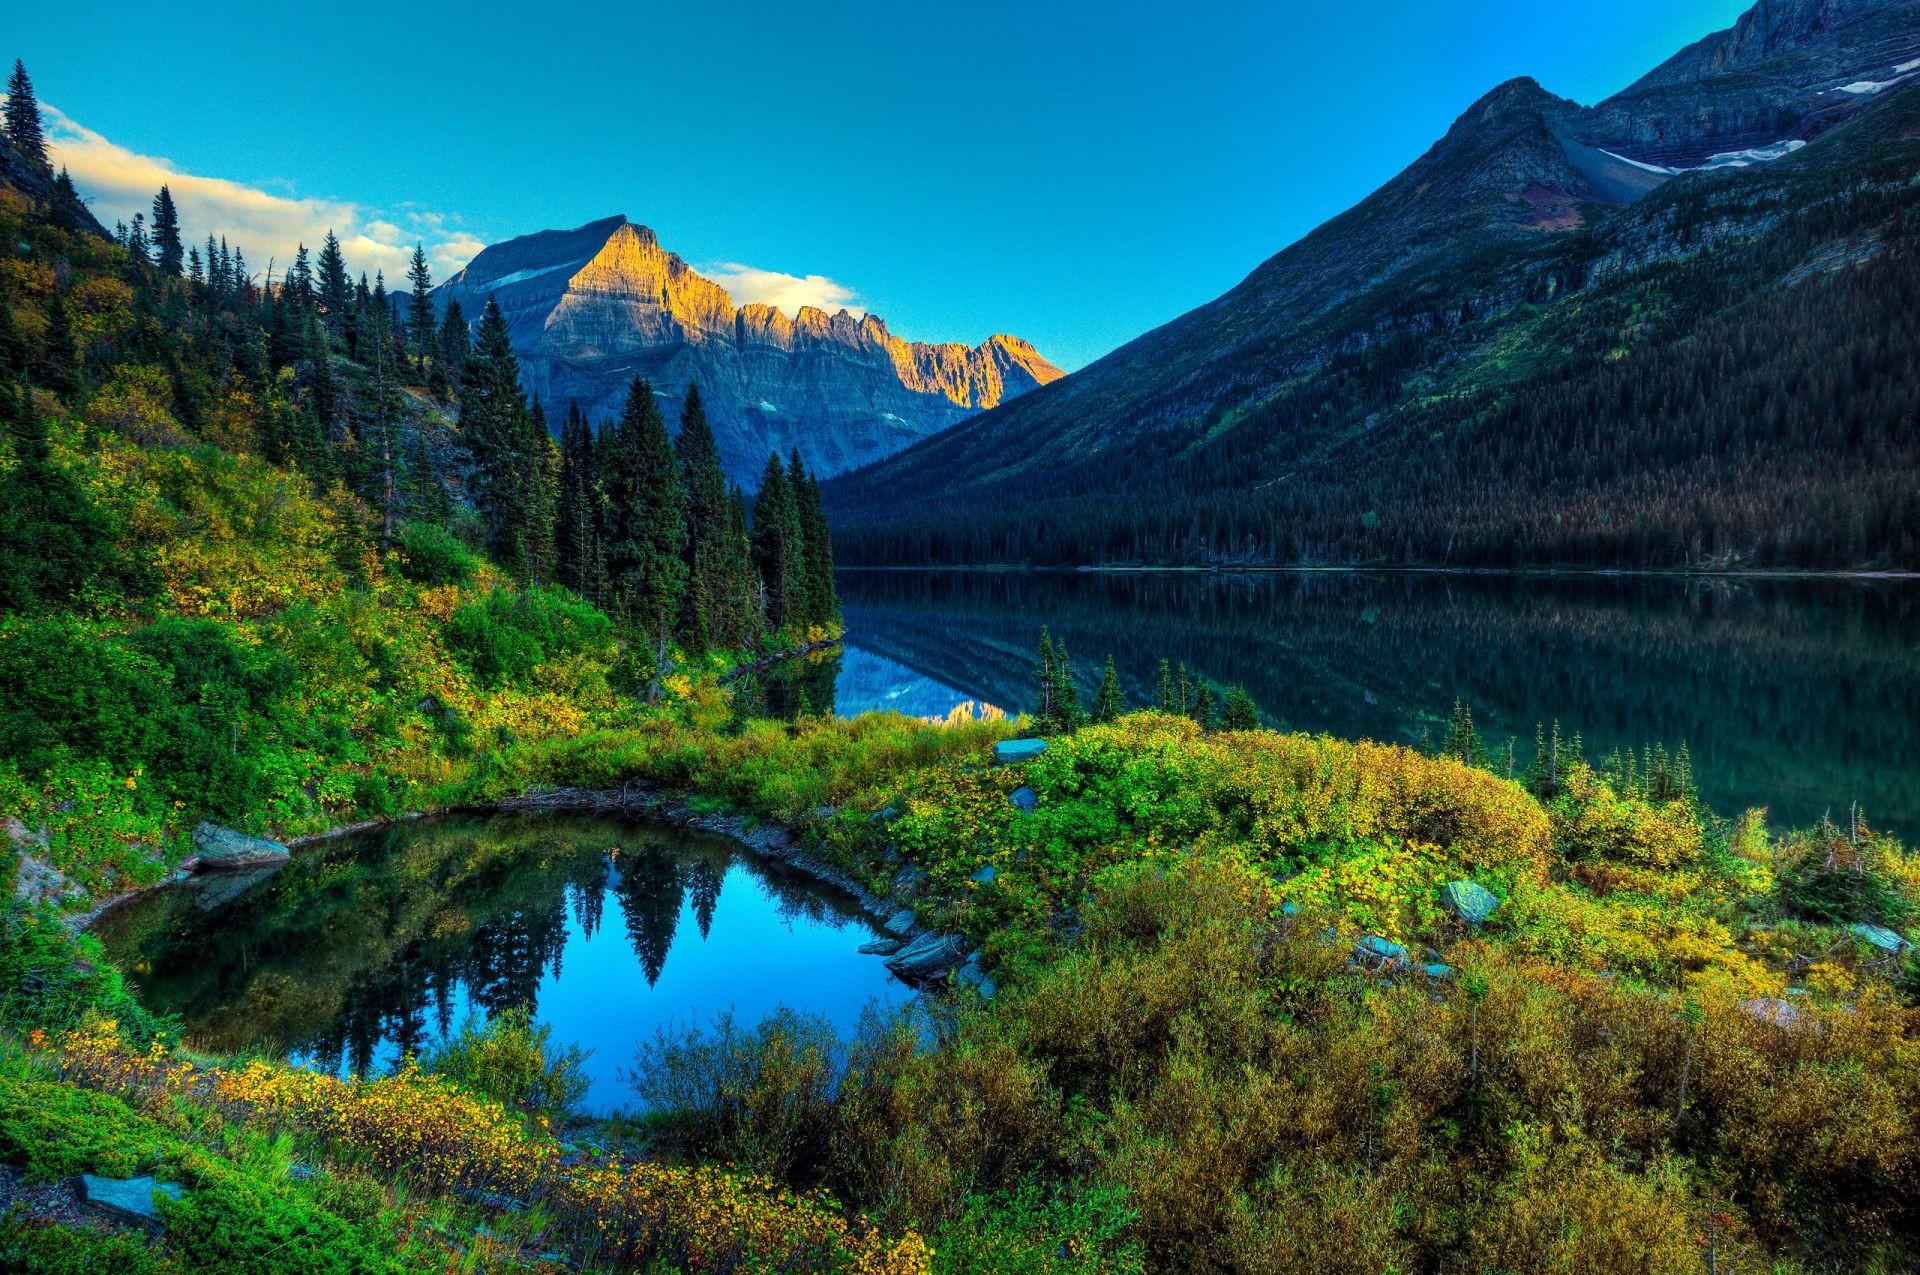 Днем, красивые горы картинки на телефон